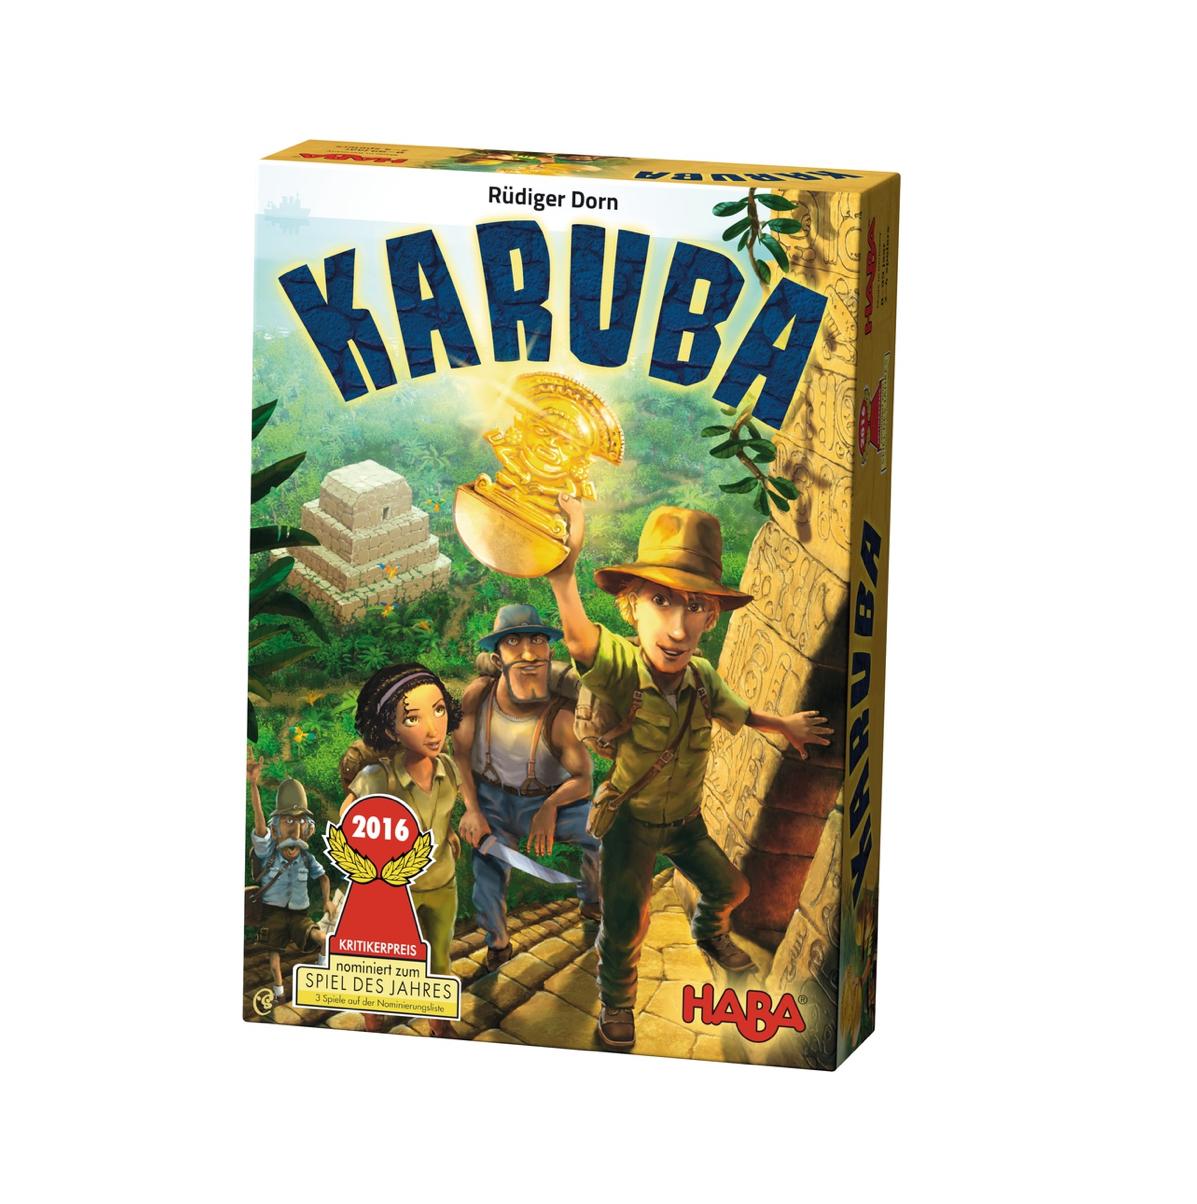 juego-de-aventura-karuba-haba-el-mundo-de-mico